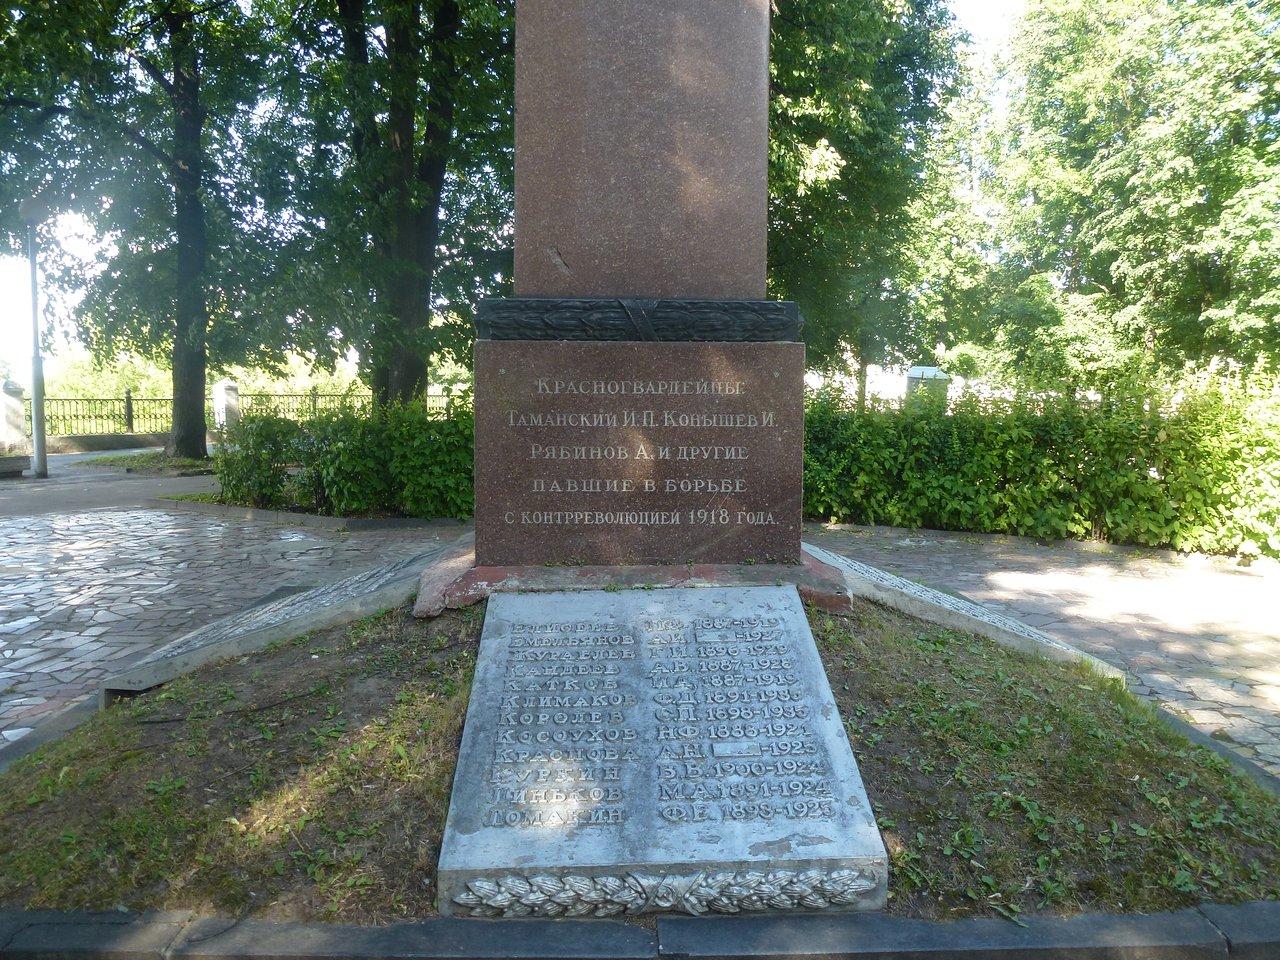 Стела памяти «Героям гражданской войны» (Рязань)